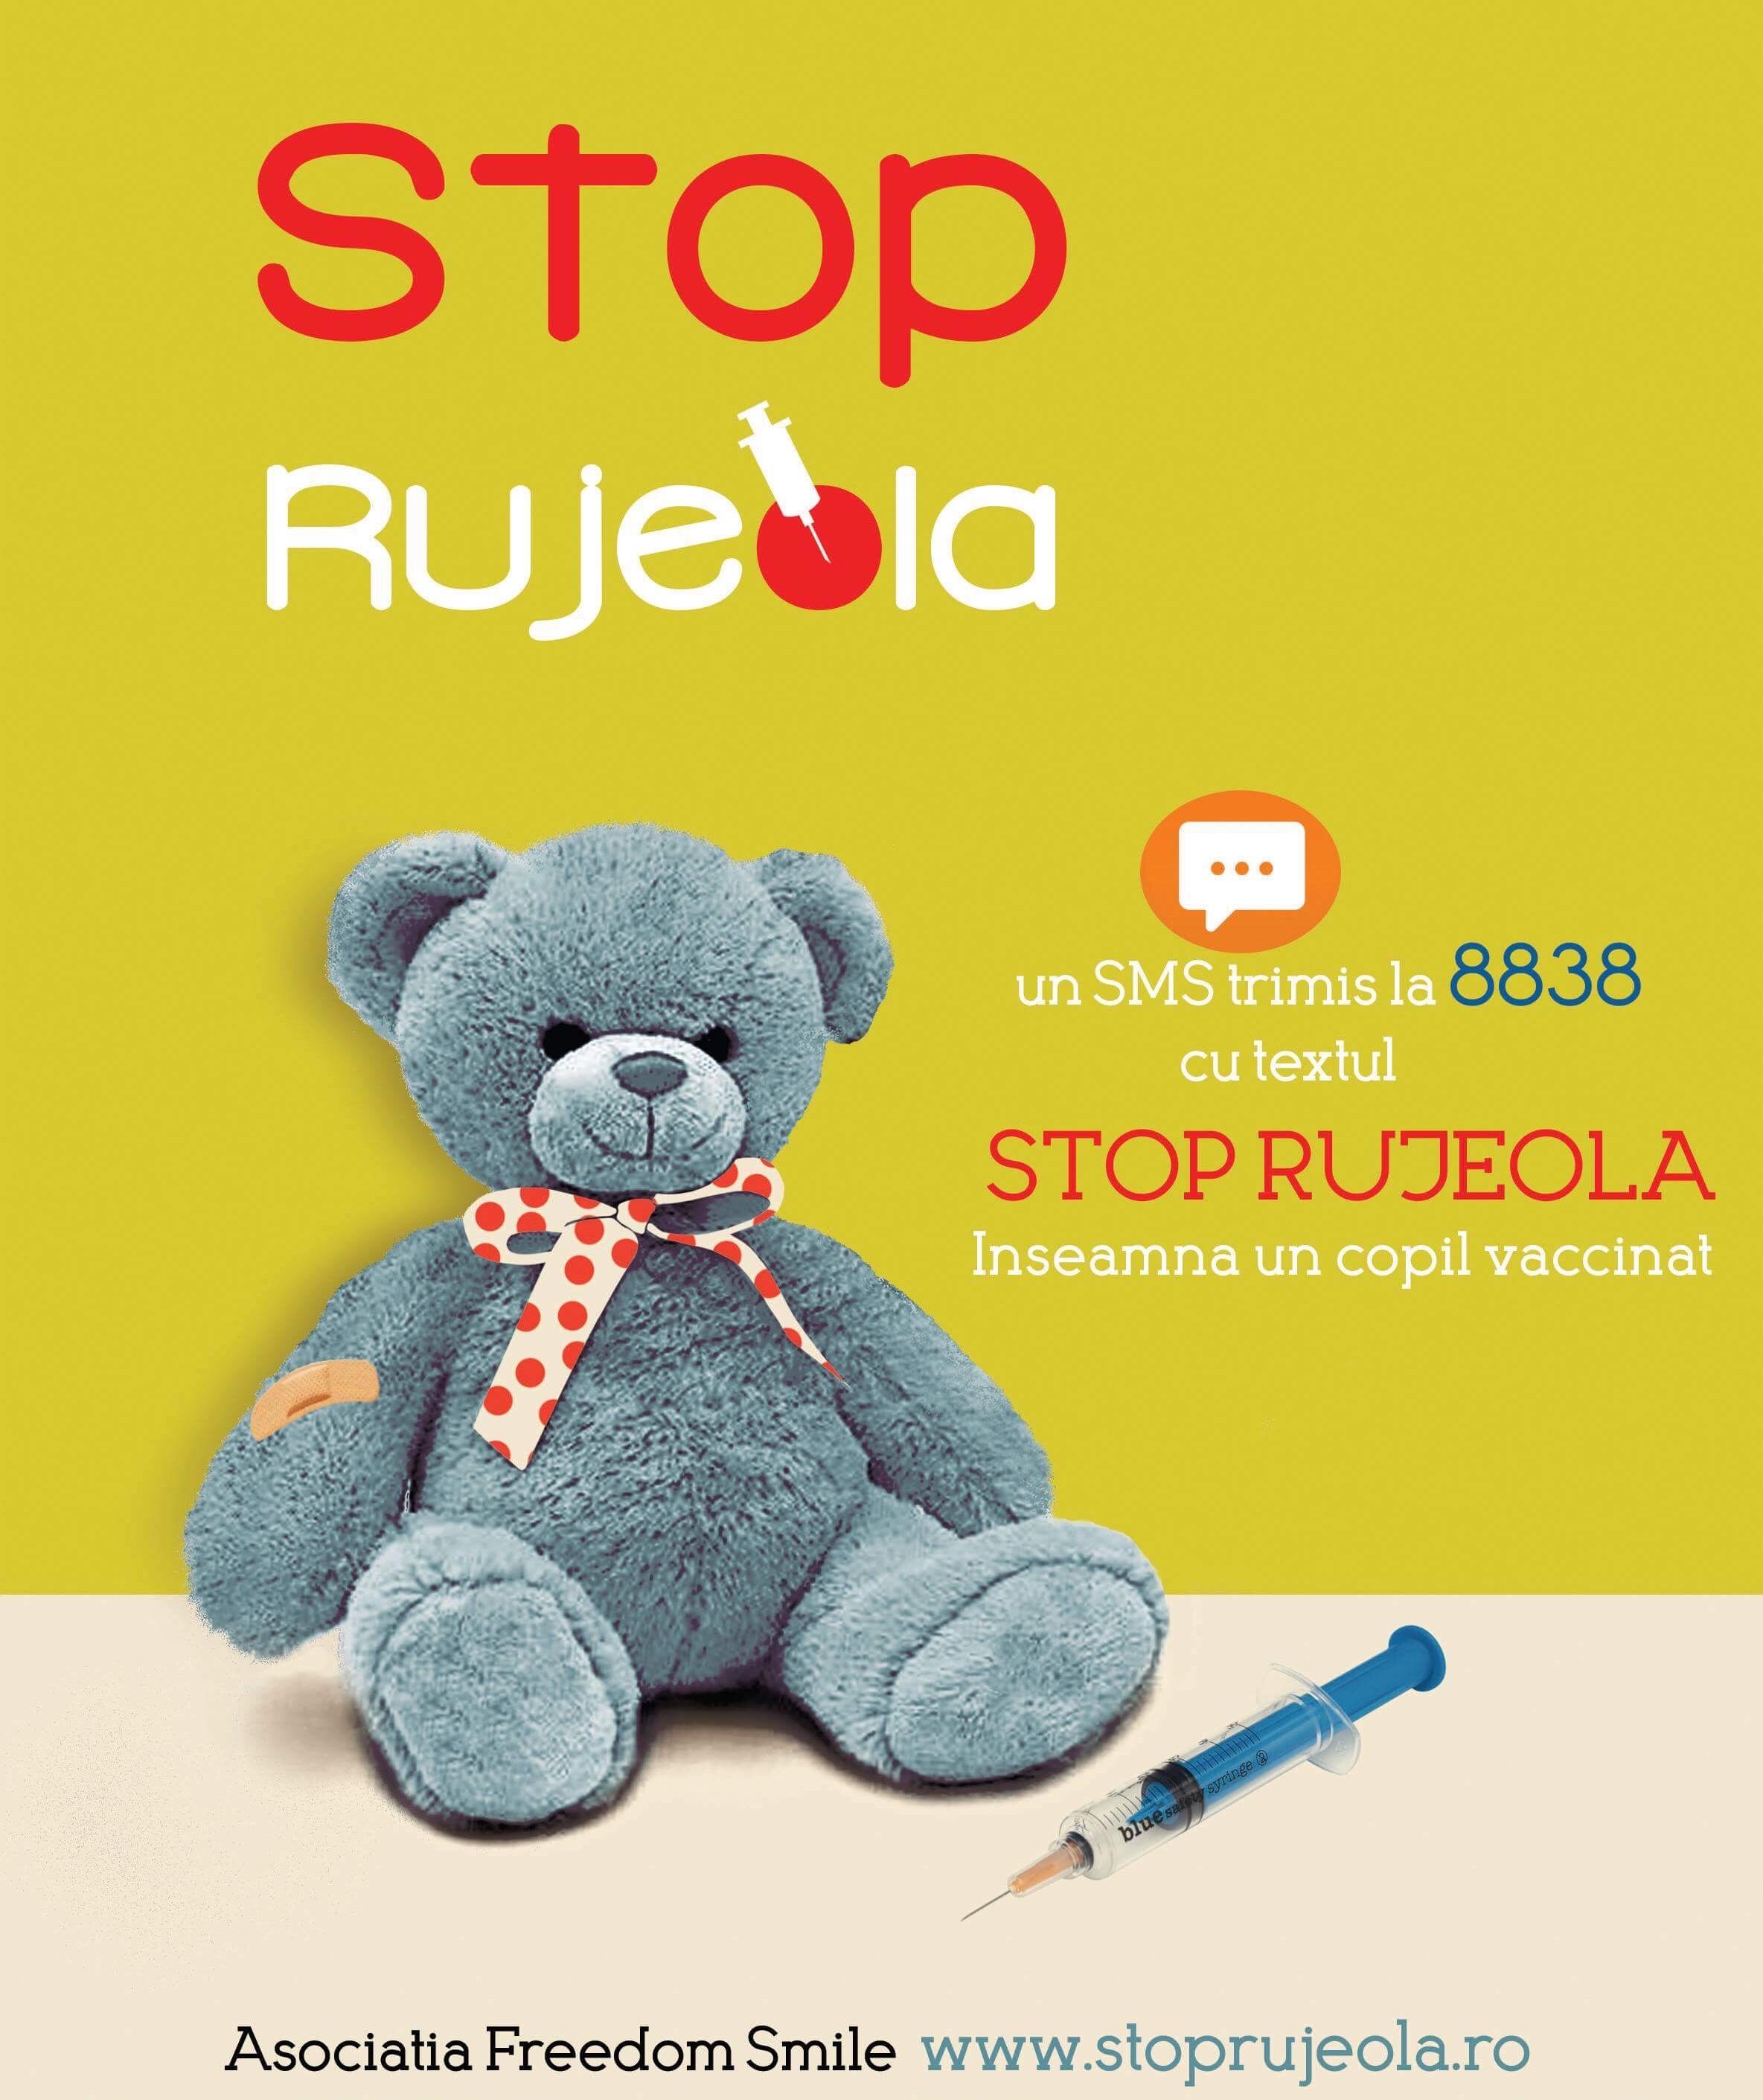 Stop Rujeola România Se Confruntă Cu Cea Mai Mare Epidemie De